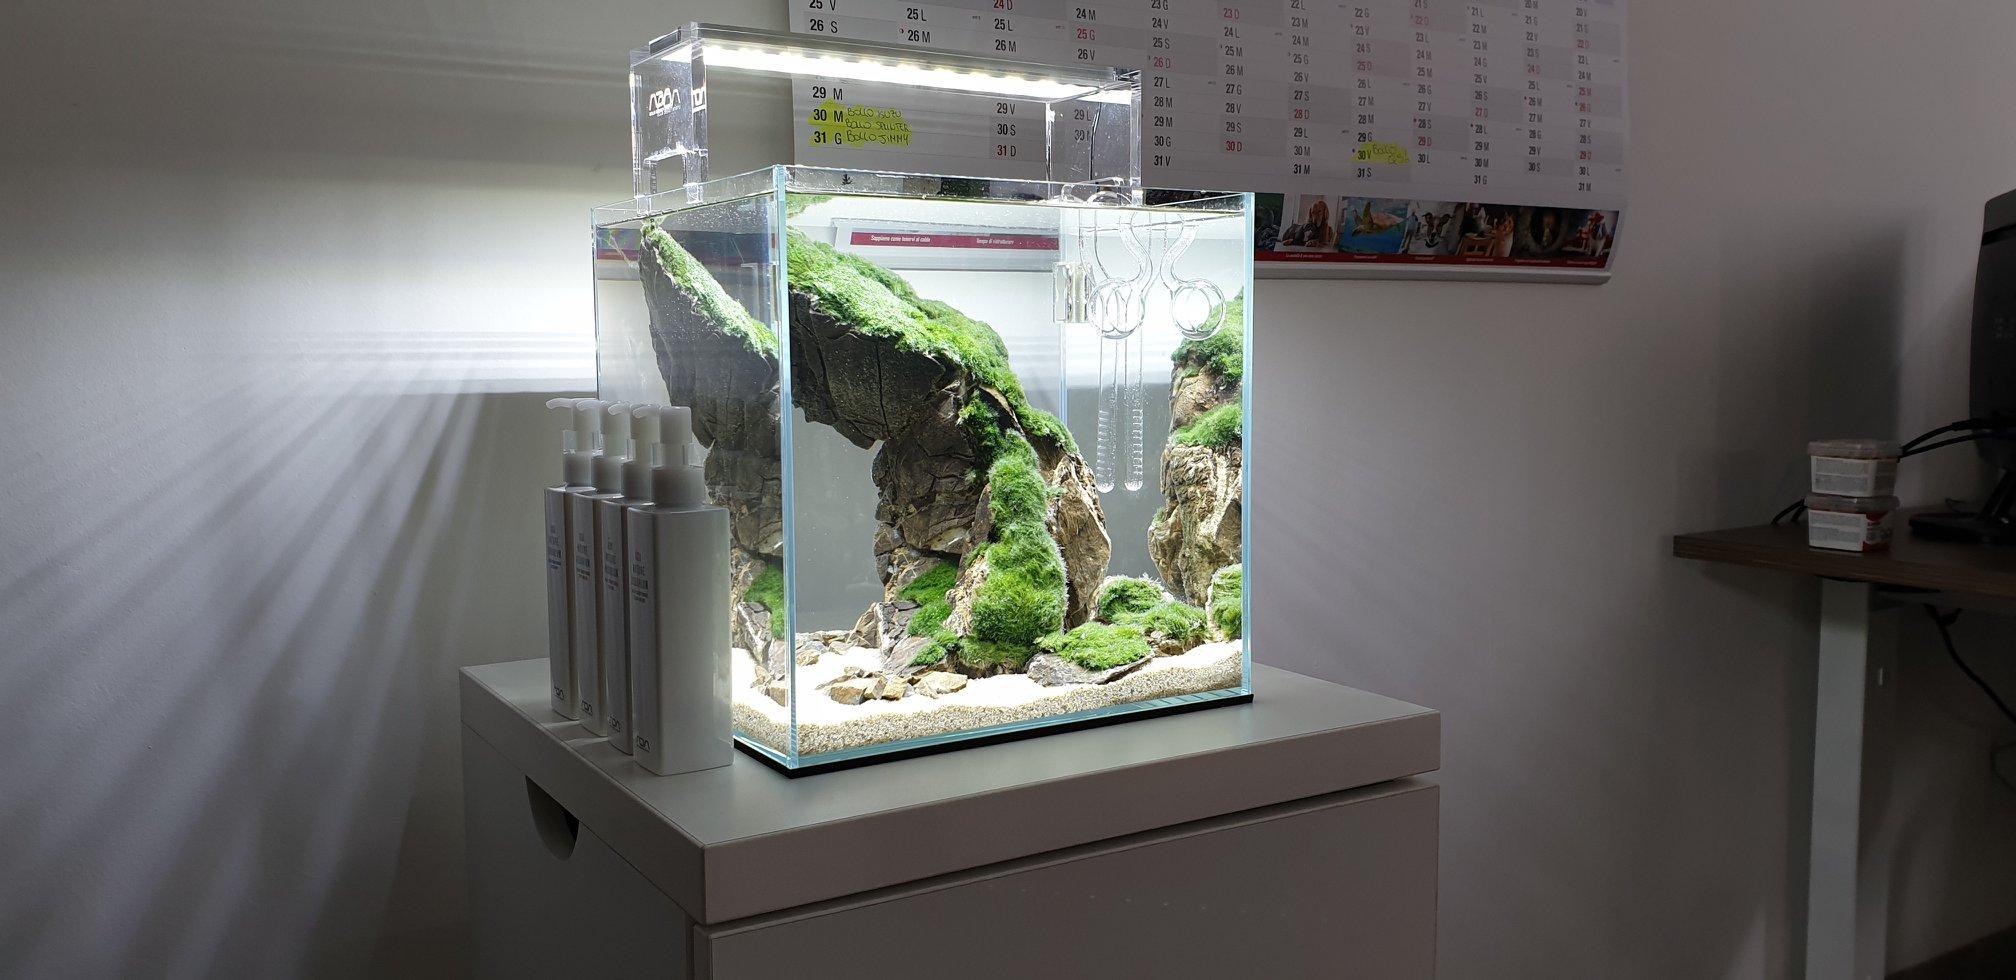 nano aquarium aquaman nature studio